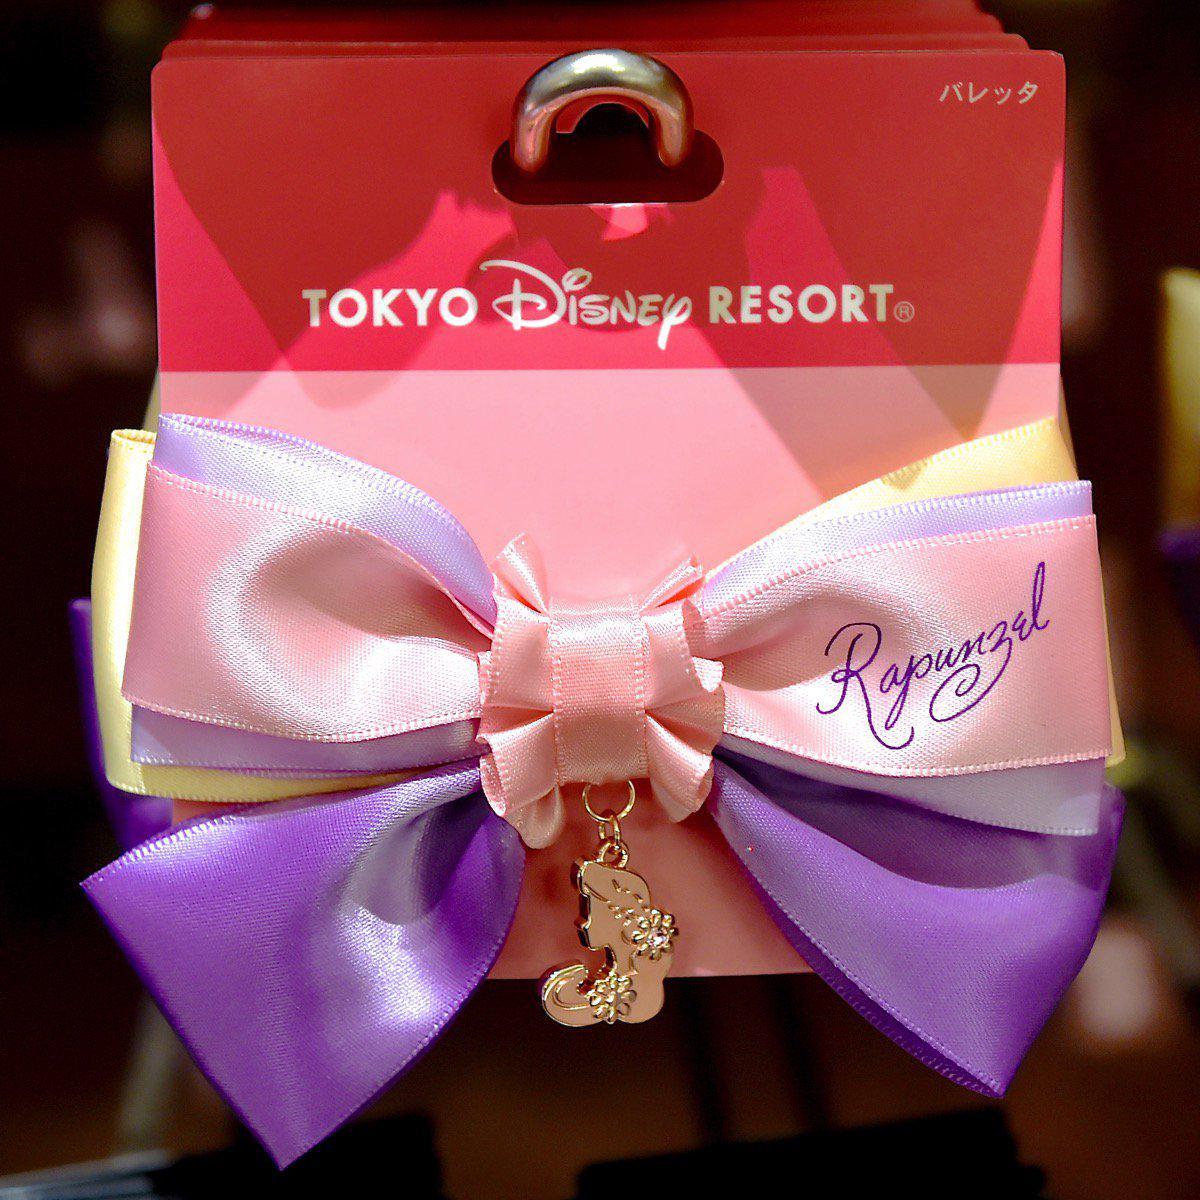 人気のリボンバレッタラプンツェル・アリエル・白雪姫のプリンセスバージョンが発売されました☆ 詳しくは→dlove.jp/mezzomiki/2015\u2026  pic.twitter.com/whOu1VCDCM